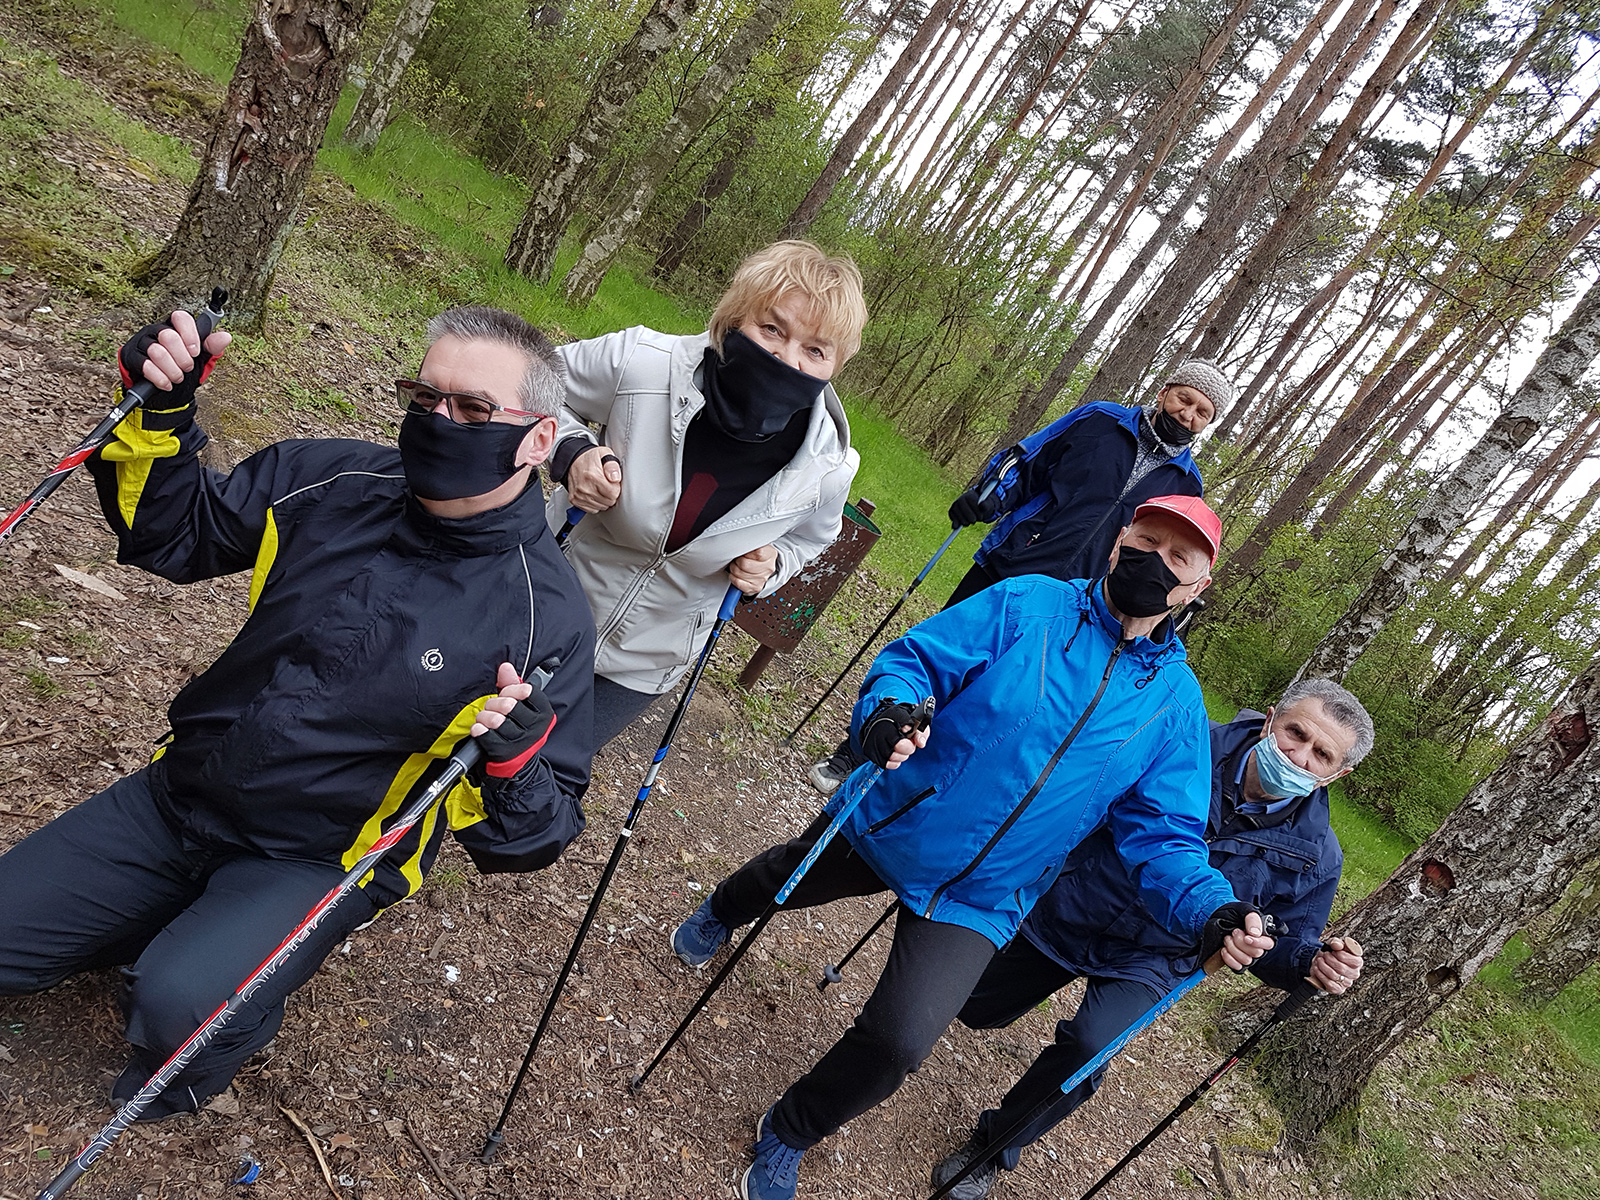 grupa osób w sportowych strojach w lesie pozująca do zdjęcia z kijkami